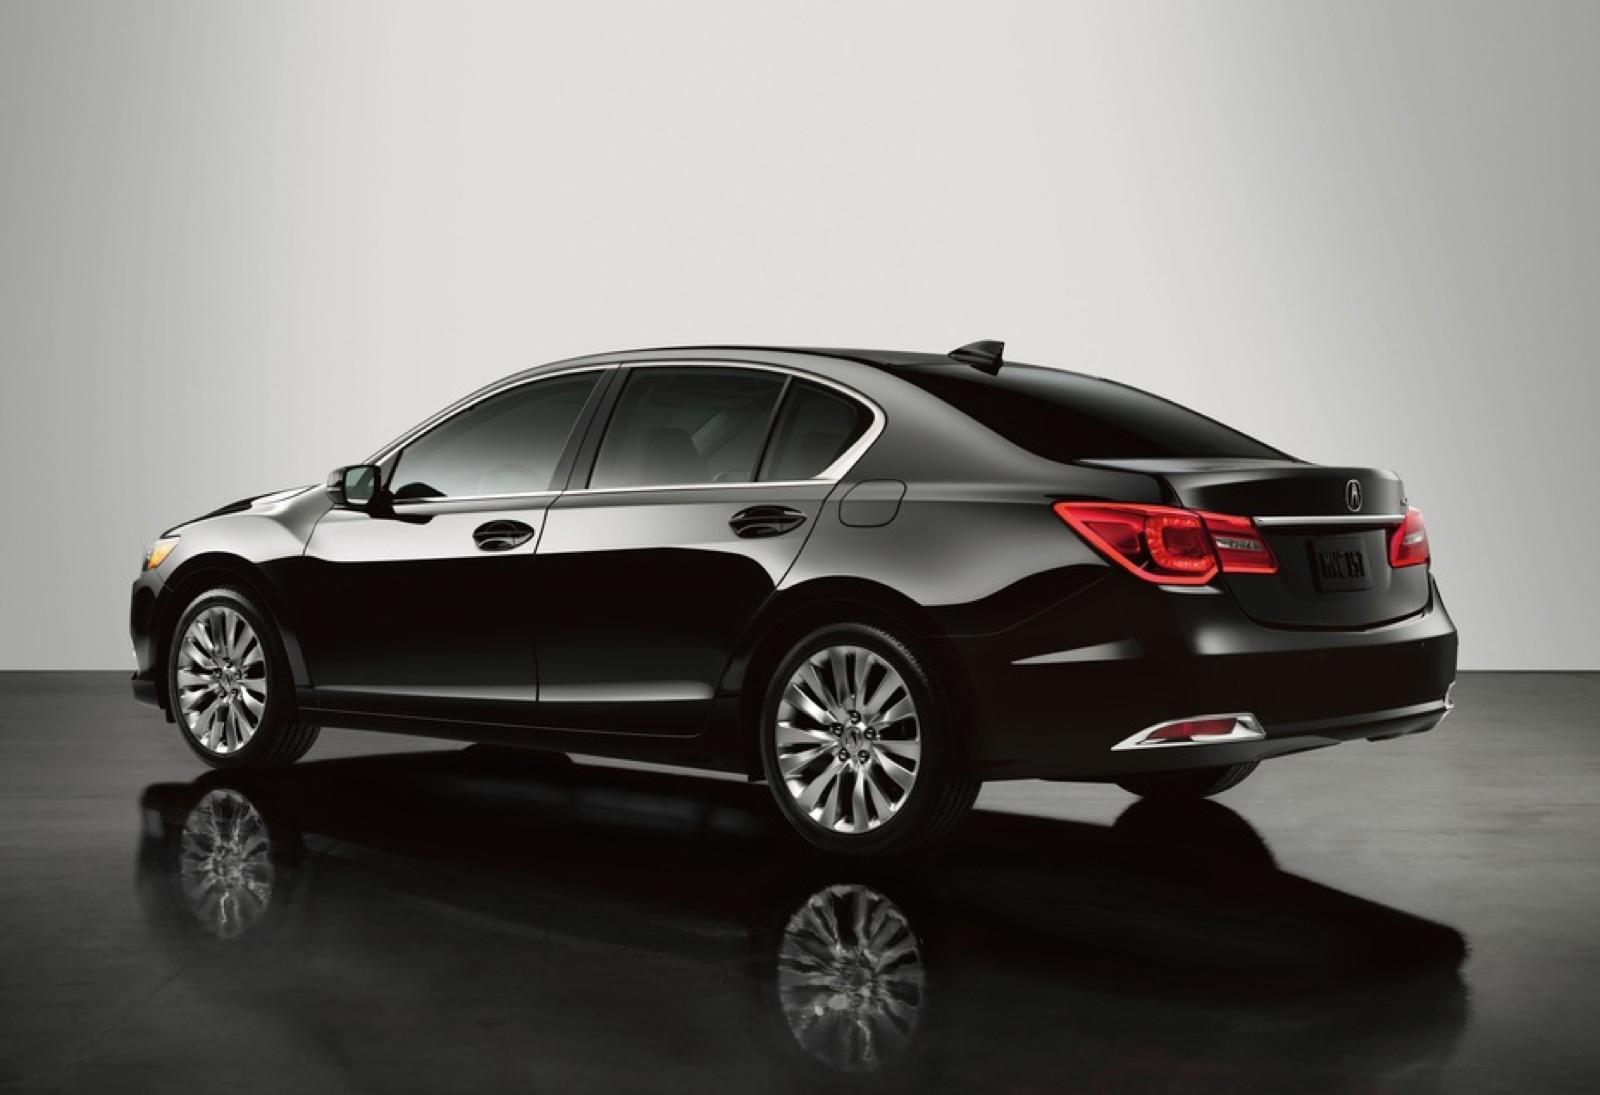 """بالفيديو والصور .. سيارة اكيورا 2014"""" Acura RLX"""" .. انسيابية وأداء سريع 2014-acura-rlx_100410660_h"""